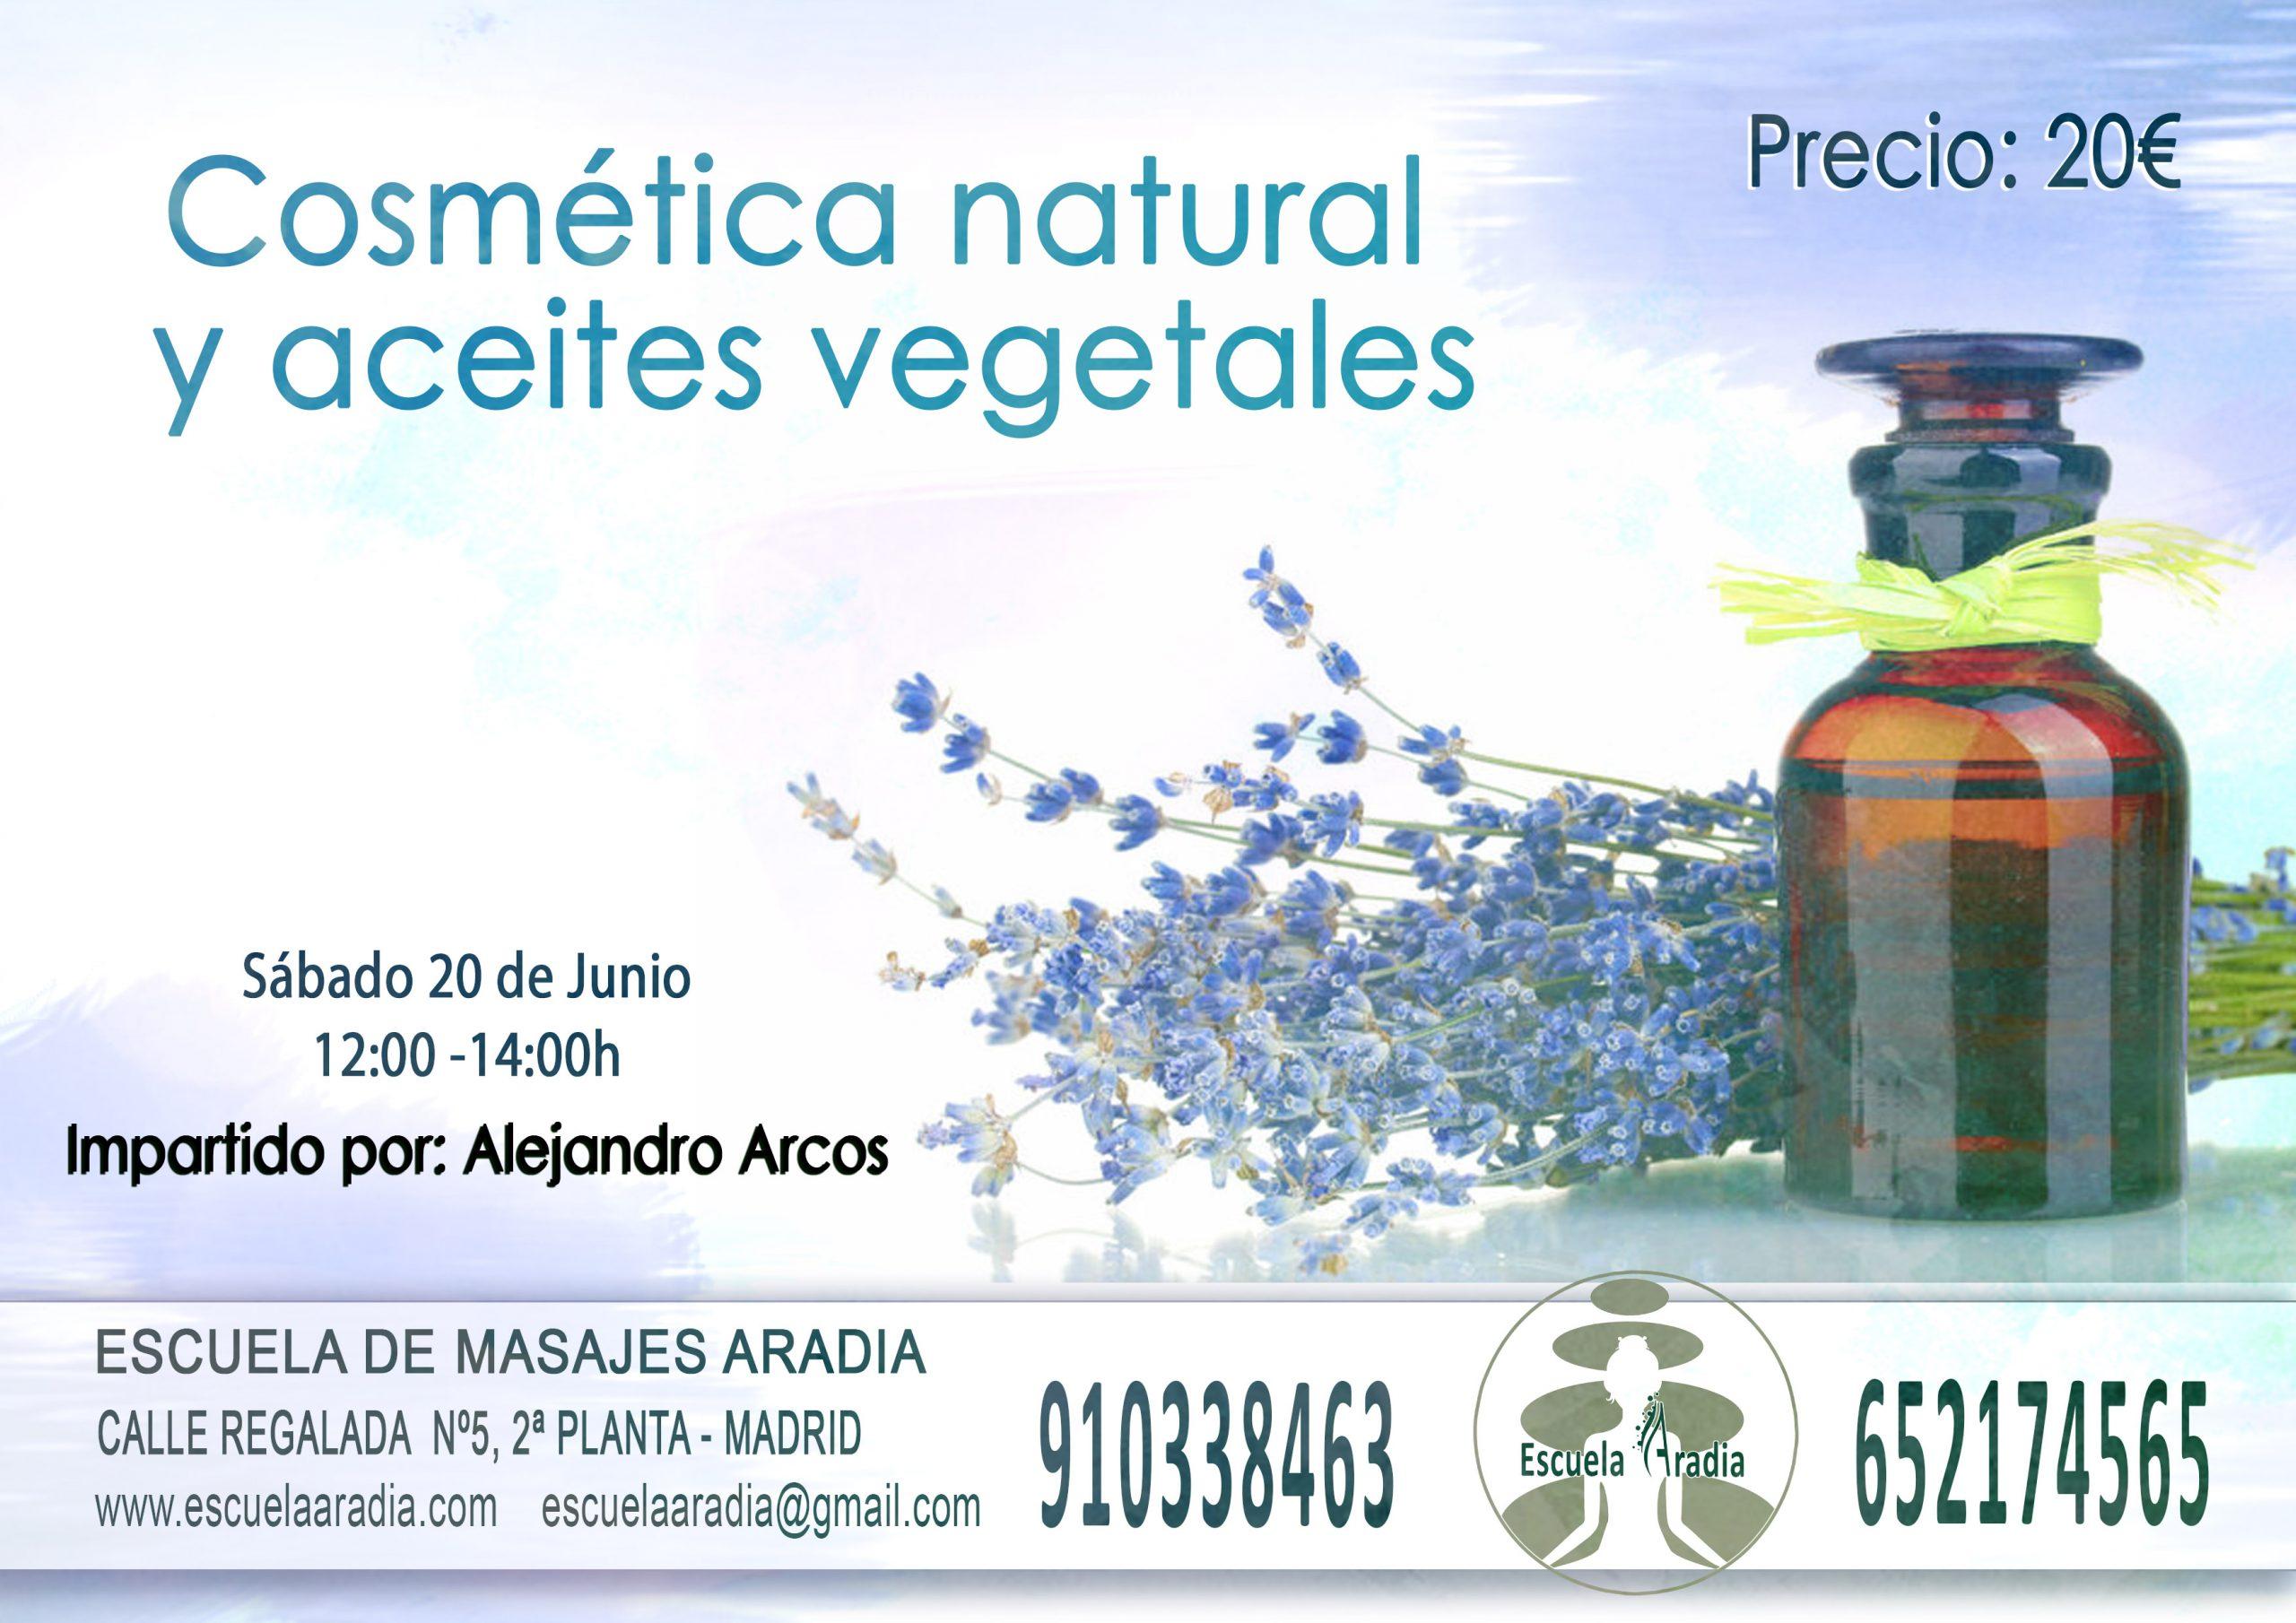 publicidad cosmética natural